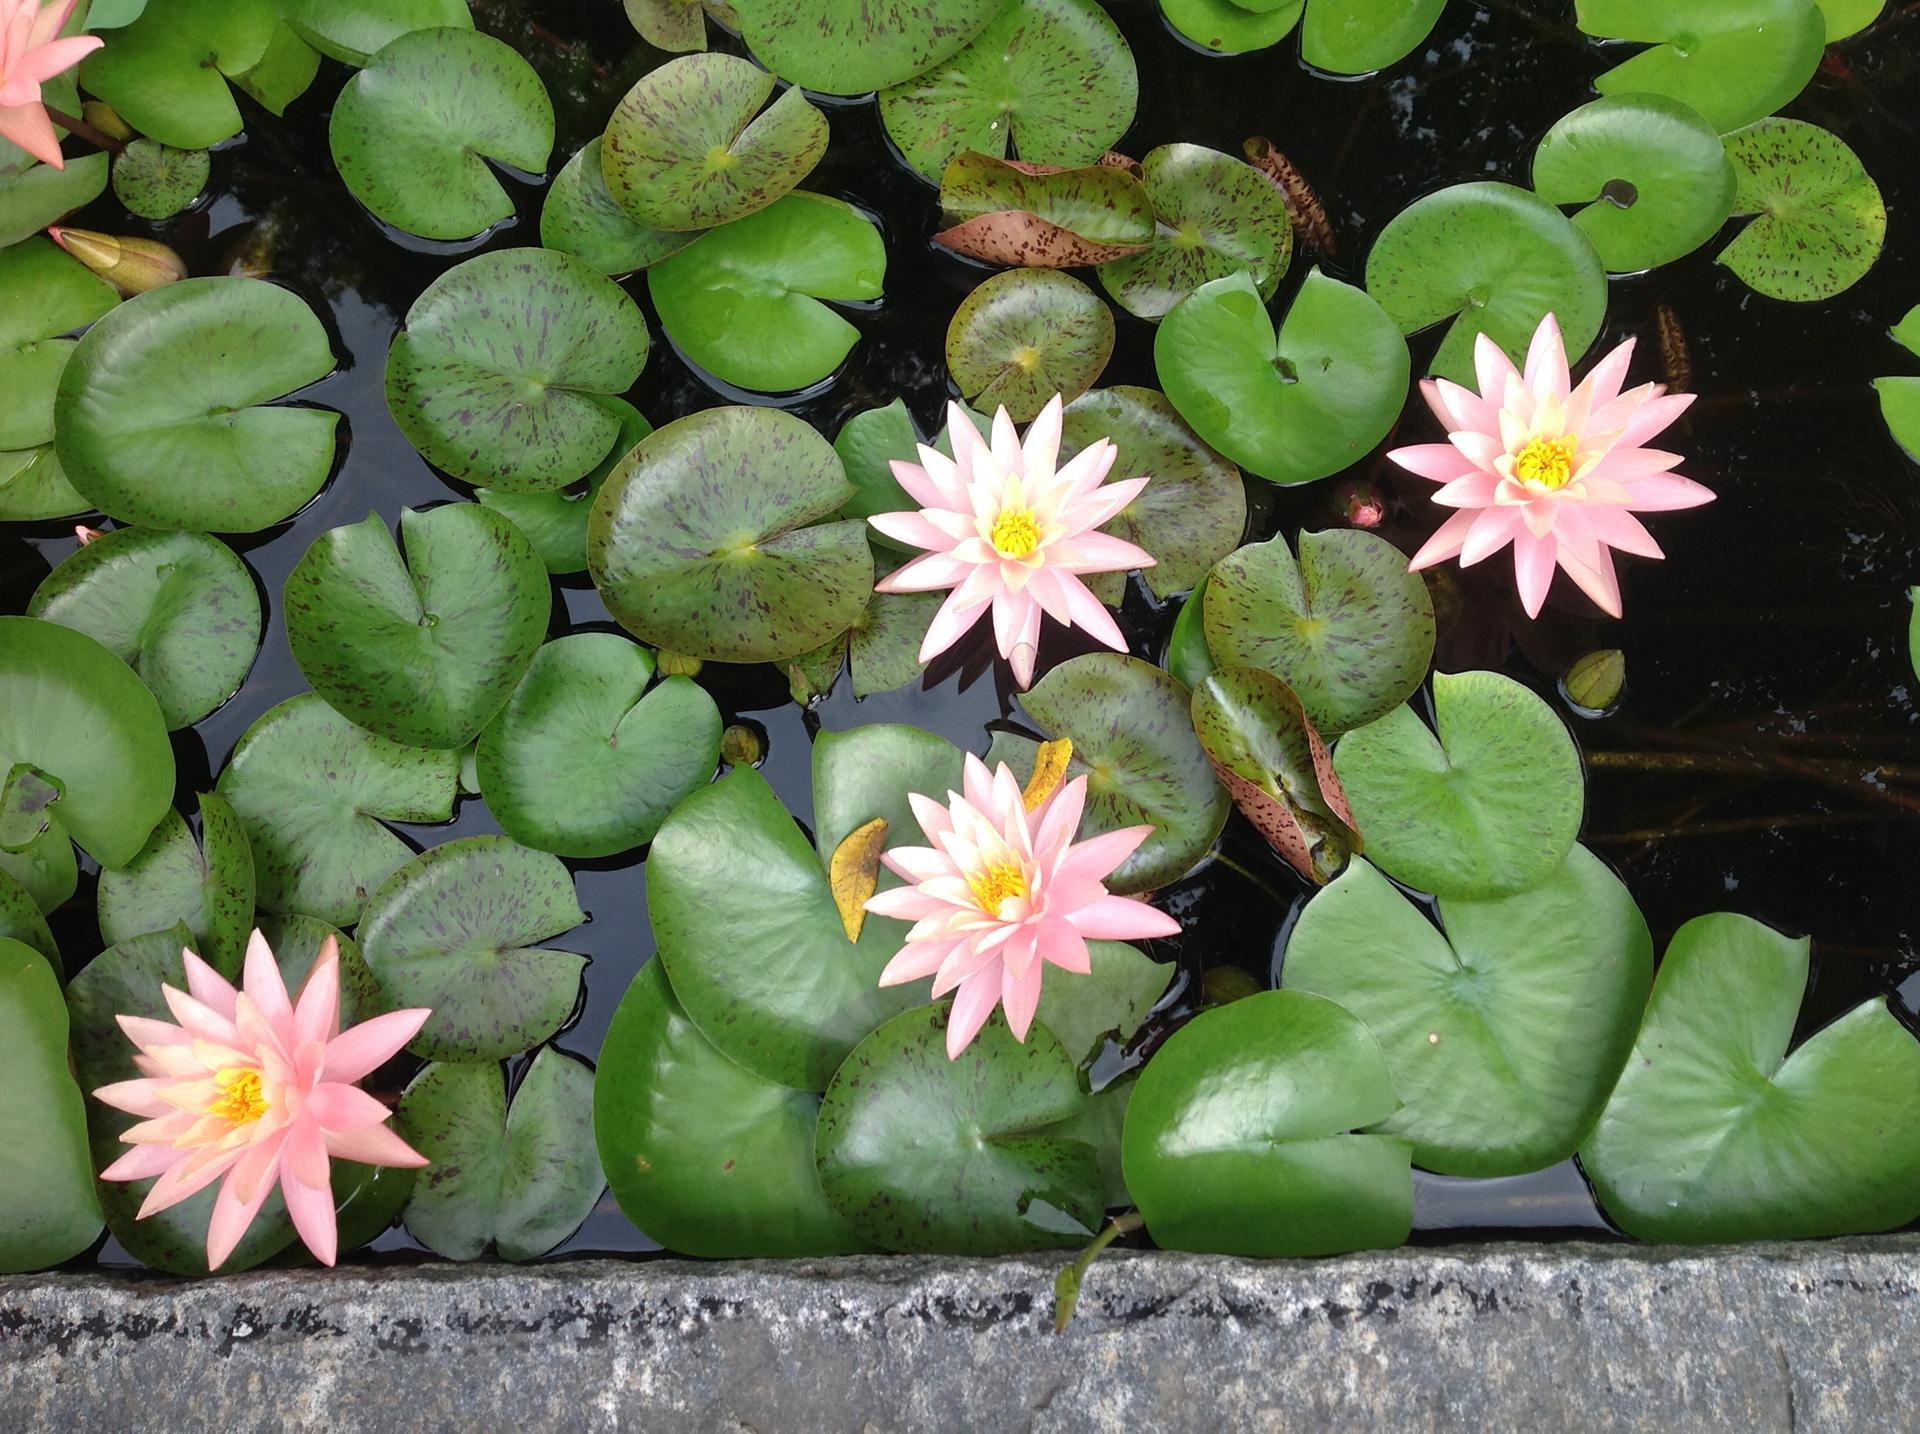 lily-pond-plant-water-garden-design-malvern-pa